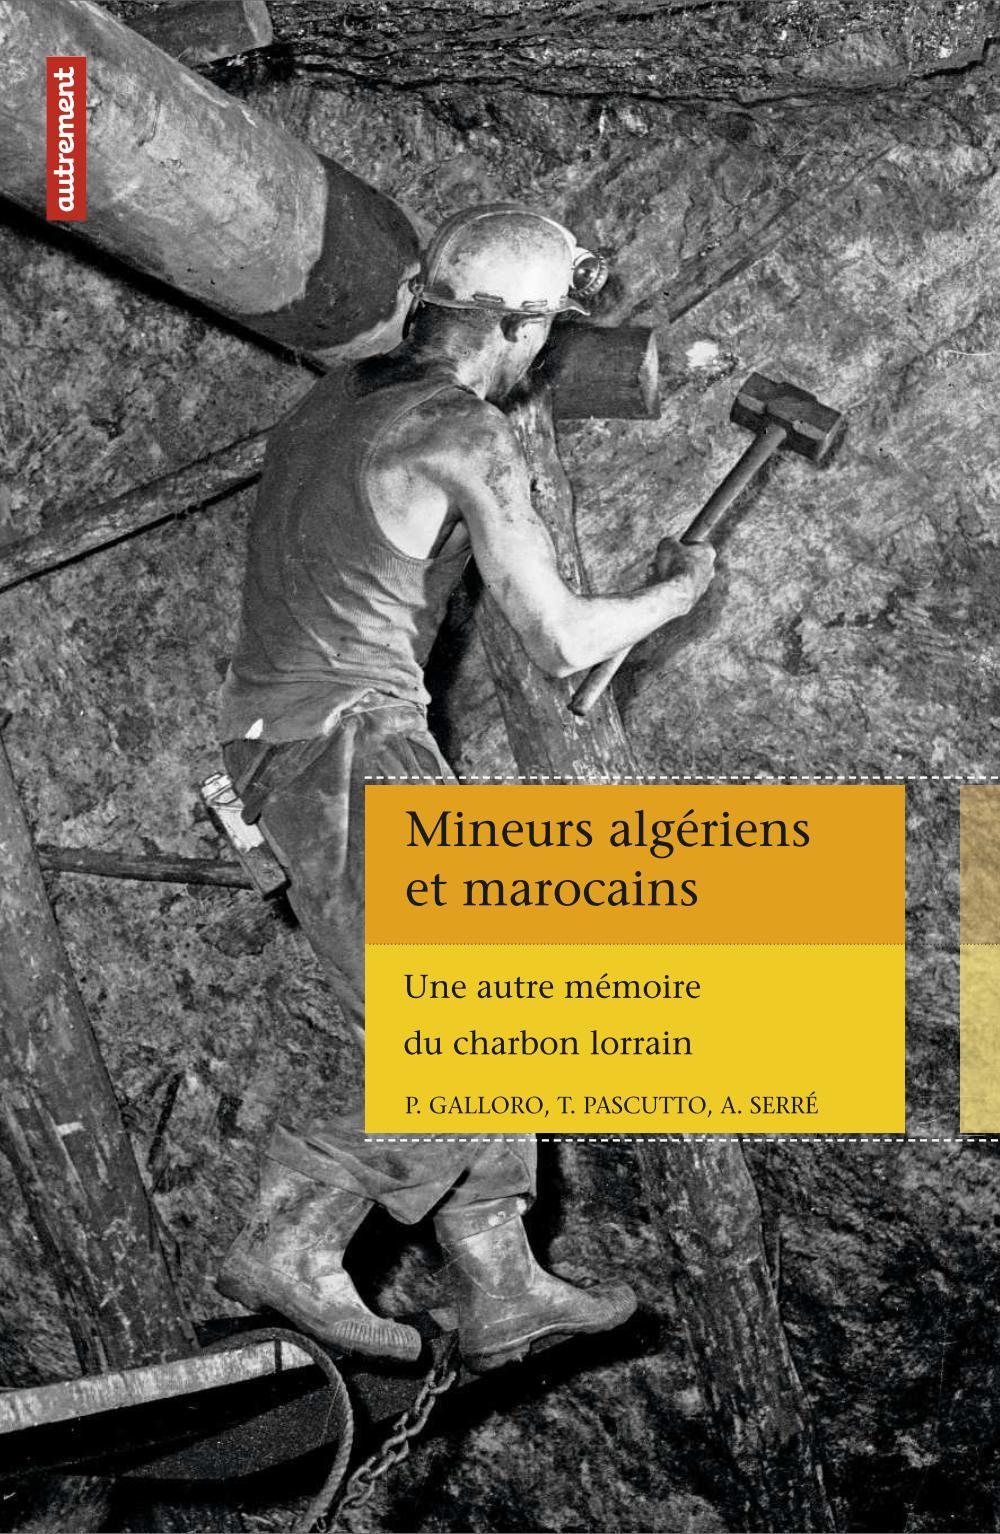 Mineurs algériens et marocains, UNE AUTRE MÉMOIRE DU CHARBON LORRAIN